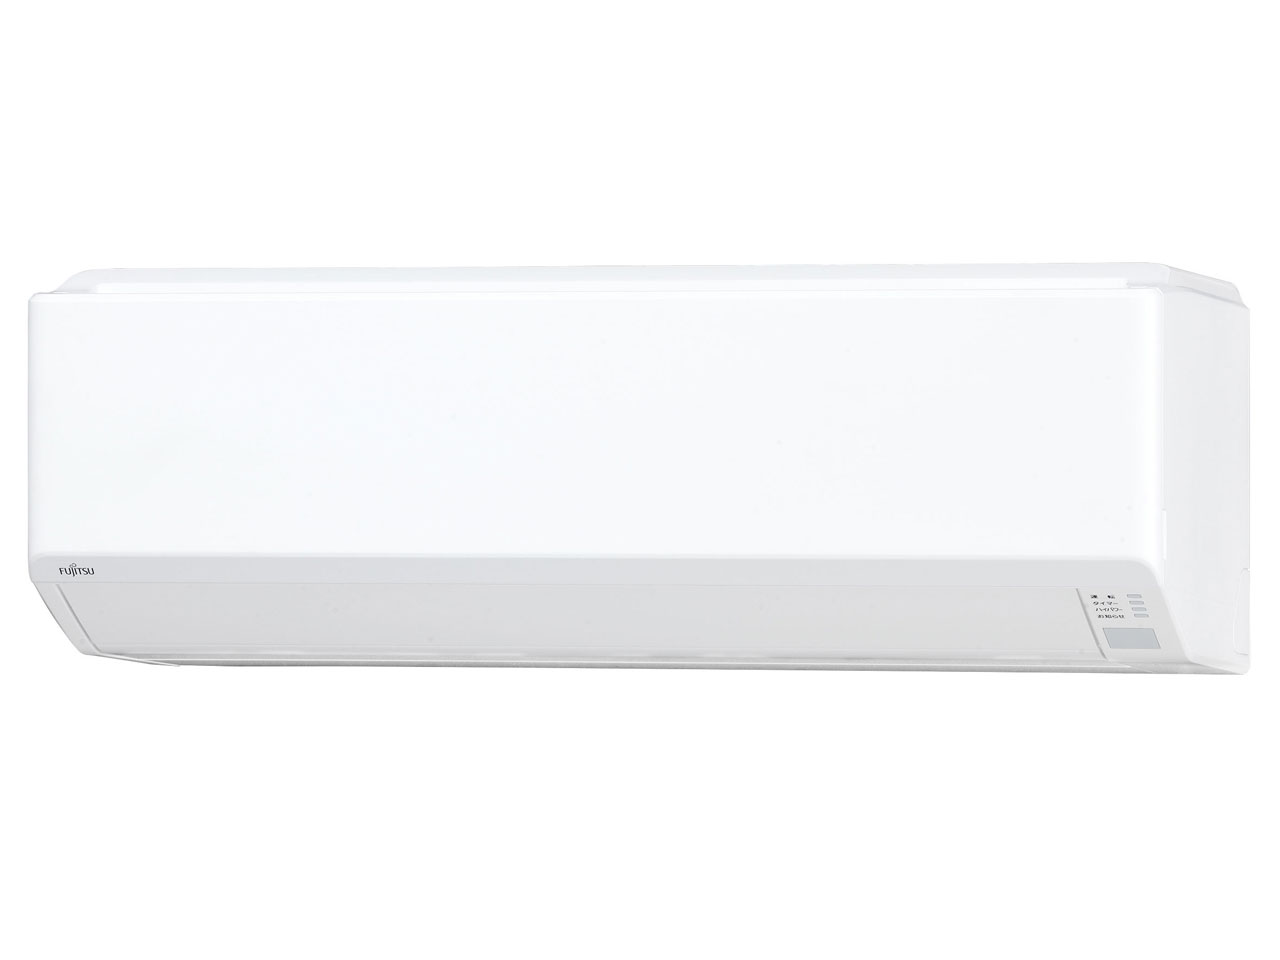 富士通ゼネラル 2018年度モデルCシリーズ AS-C40H-W【14畳用冷暖房除湿エアコン】